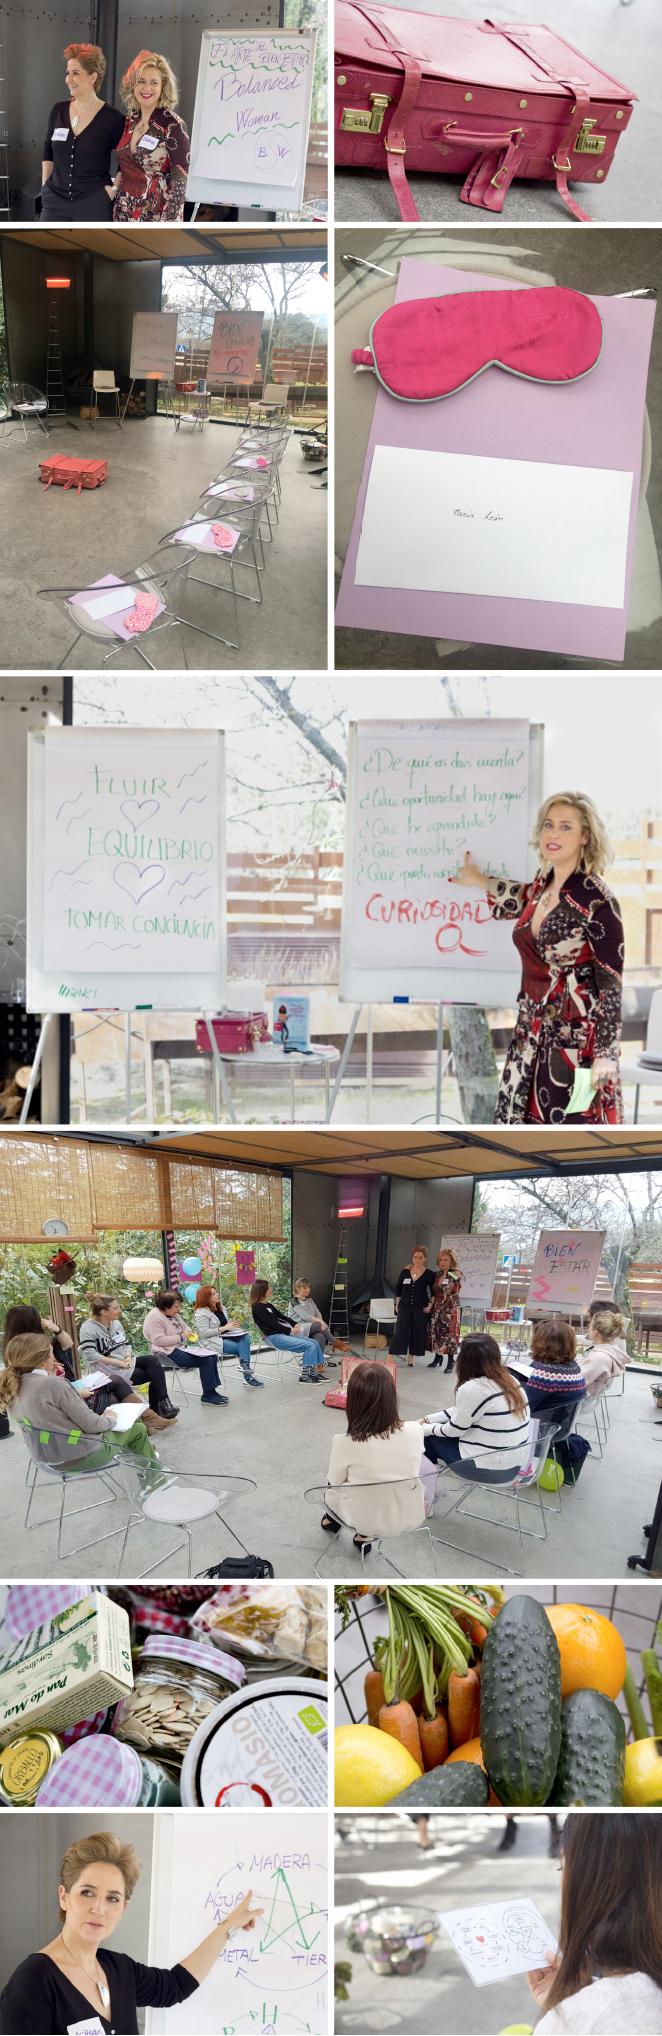 Las encargadas de dirigir el taller motivacional del que formamos parte fueron Blanca Holanda (Entrenadora Neuro-Motivacional y Escritora) y Mercedes Torre (Periodista y Terapeuta en Medicina Tradicional China). Ellas nos ayudaron, con gran maestría, a descubrir algunas de las claves más importante del bienestar.